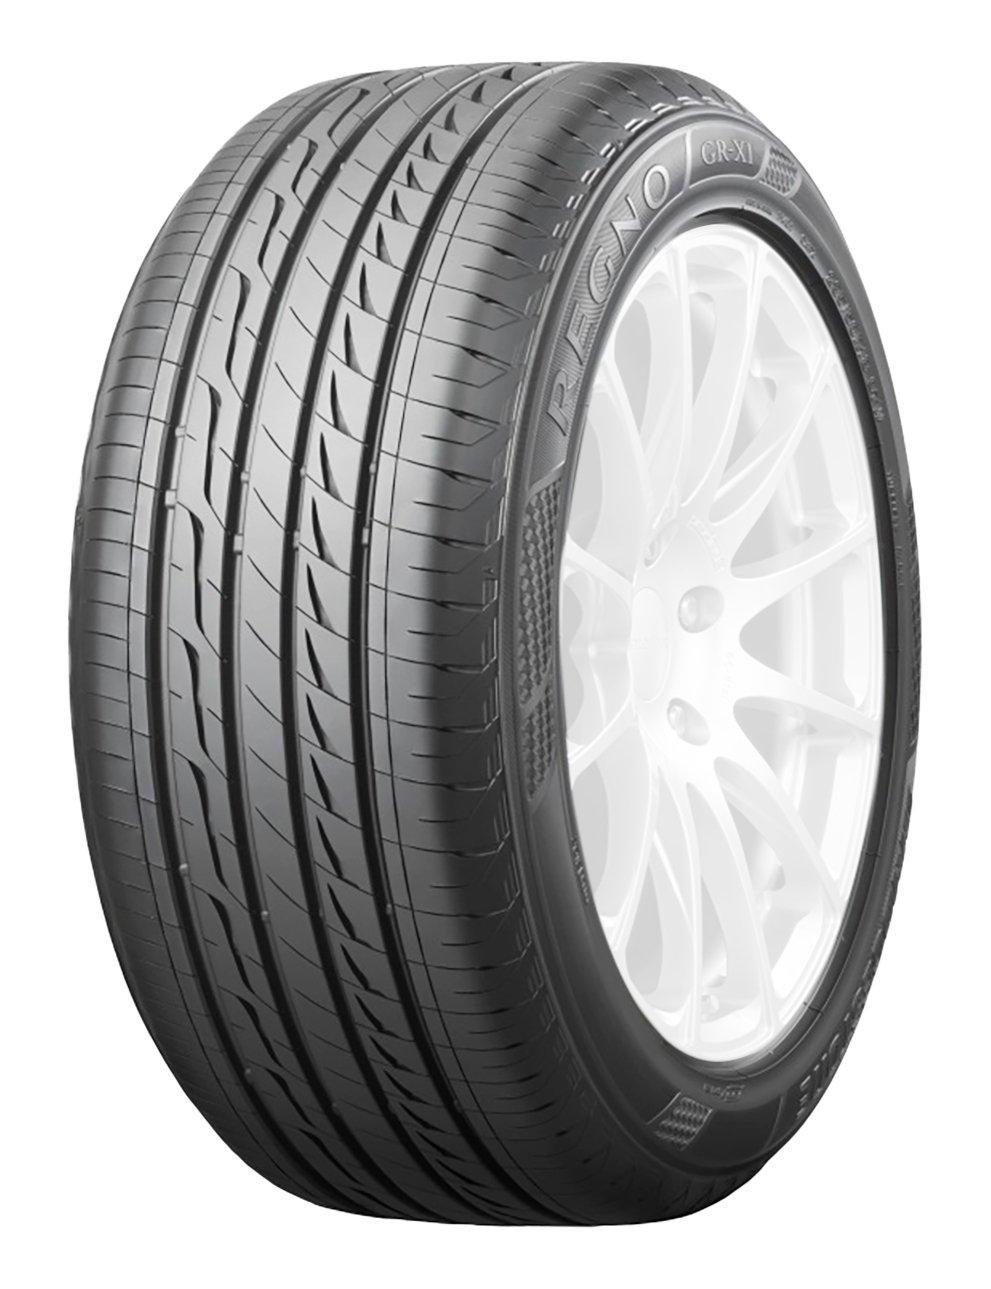 ブリヂストン(BRIDGESTONE)低燃費タイヤREGNOGR-XI235/50R1796V B013HR4U8K